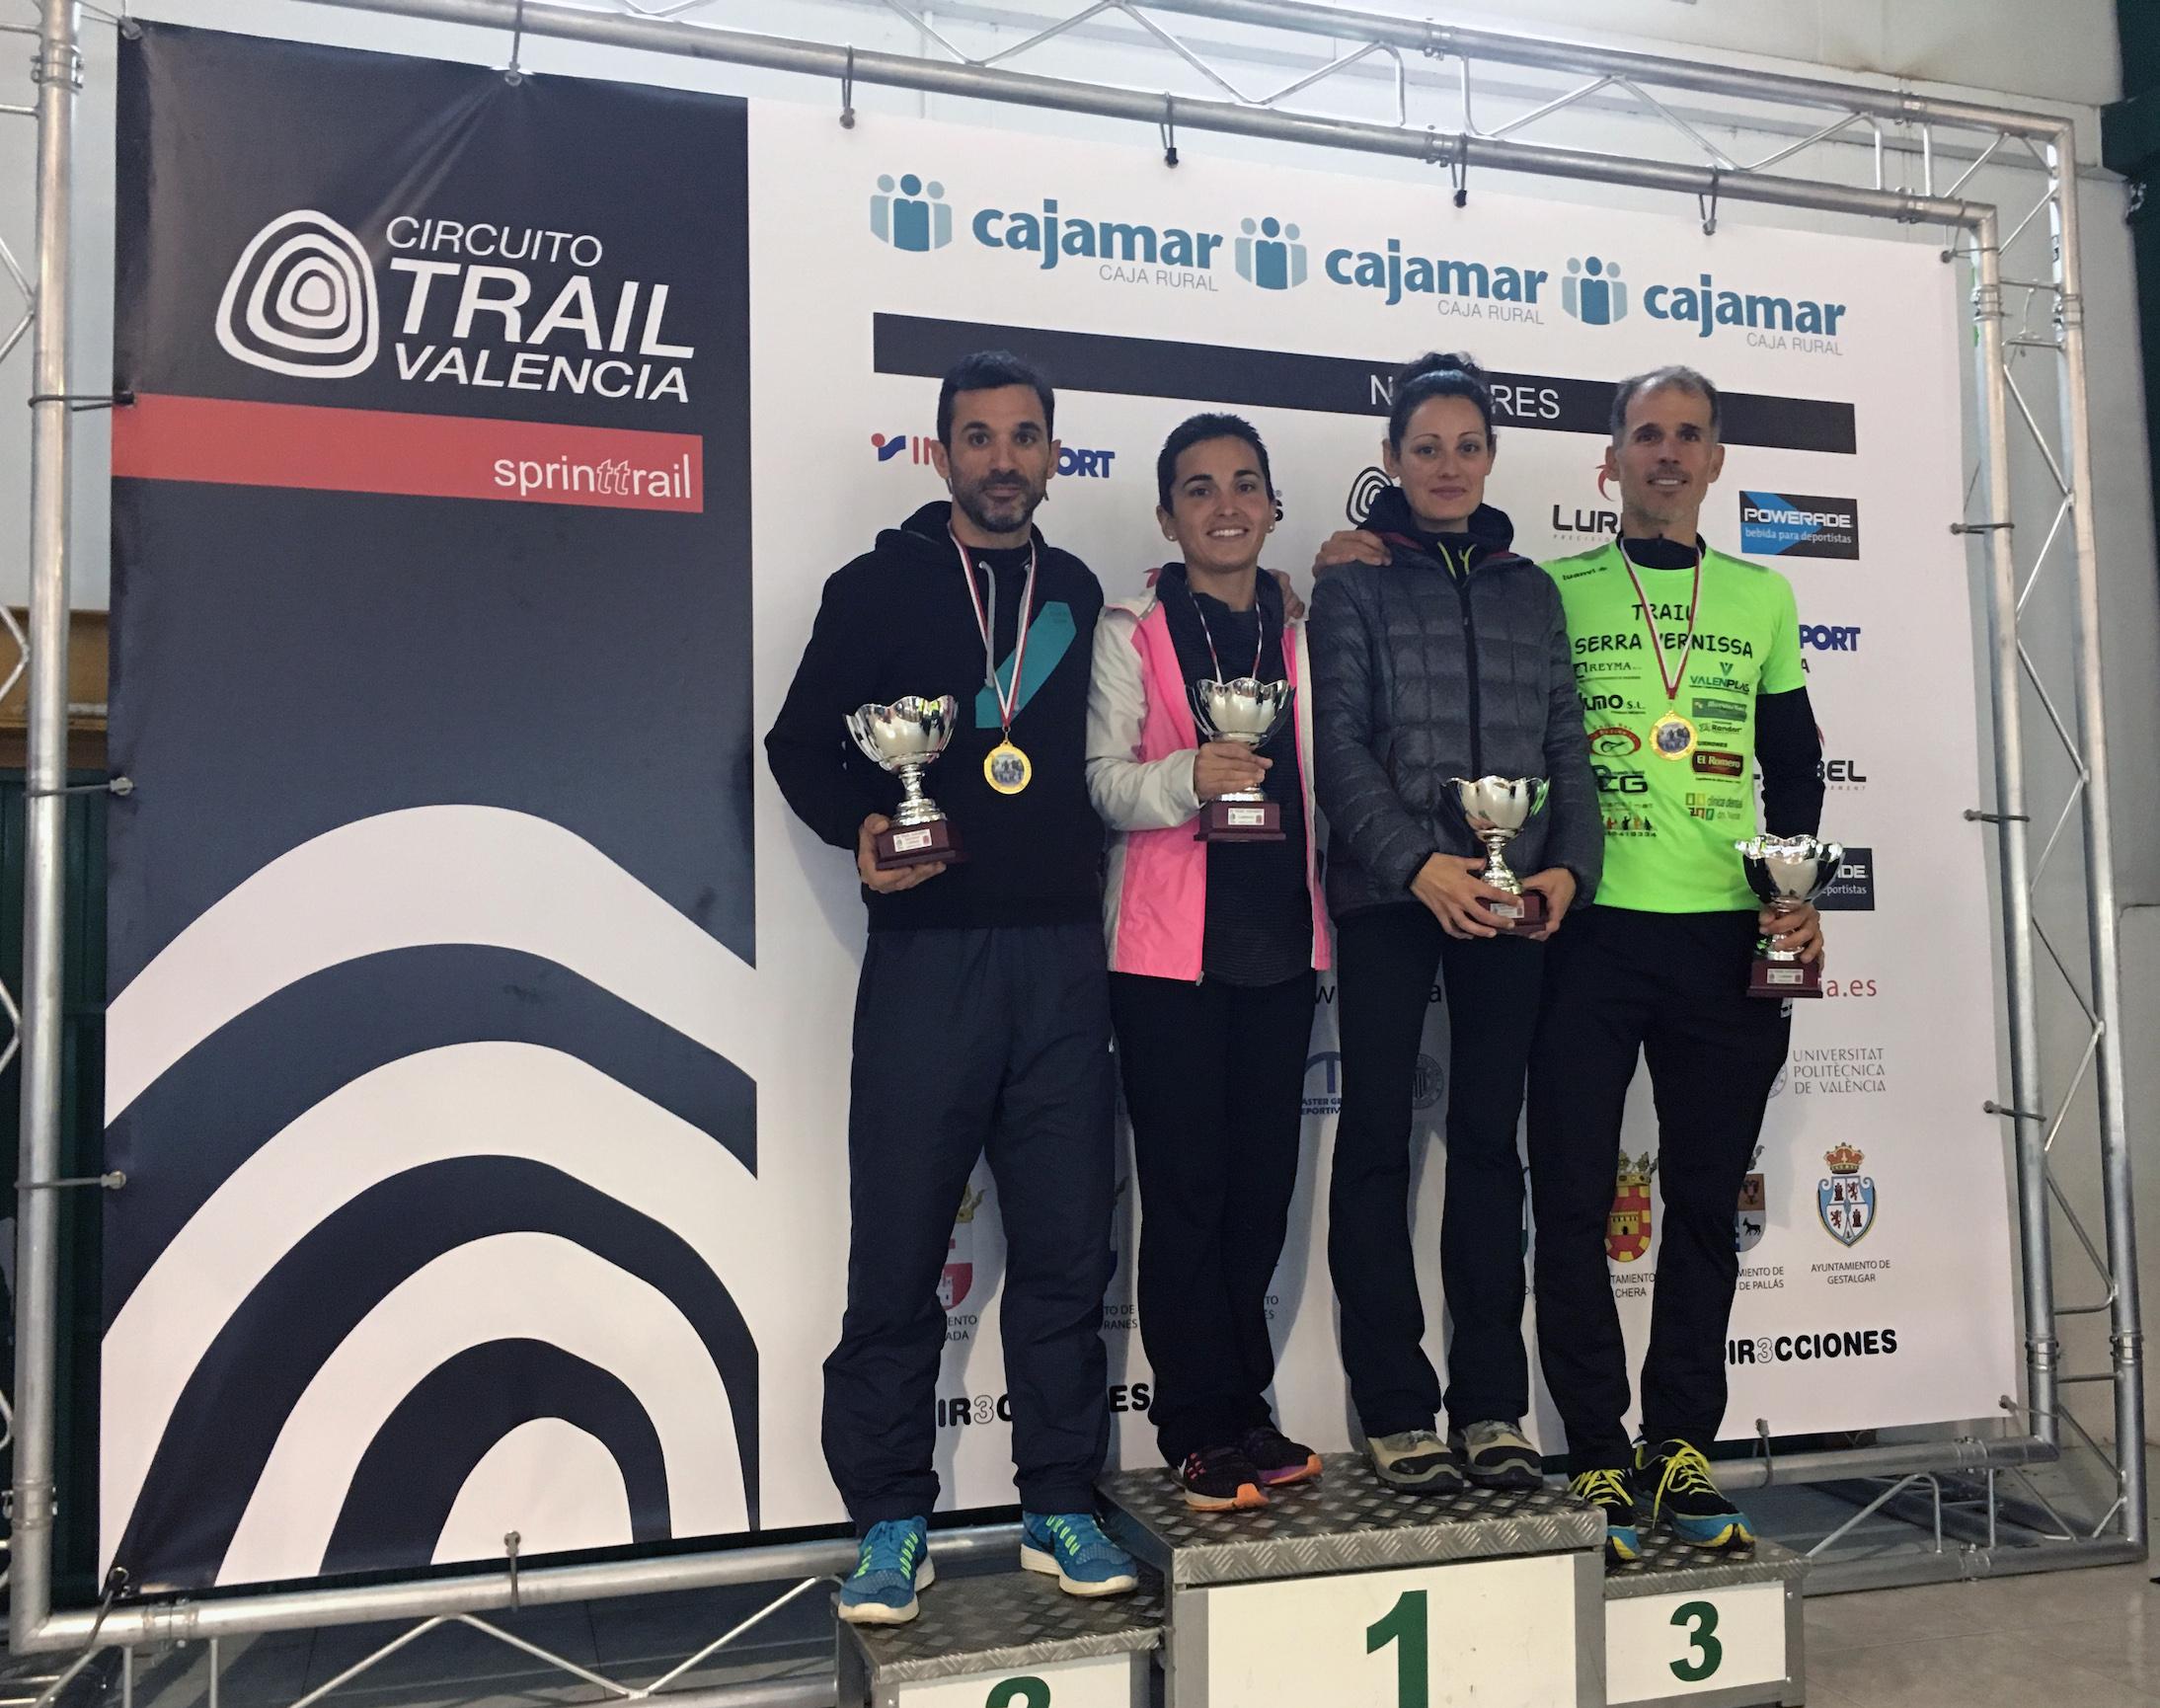 De nuevo, Álex Campos se llevó la prueba más corta y le acompañó en el podio Beatriz de la Fuente. En la larga, los ganadores fueron Xavier Tomás y Claudia Guillem.